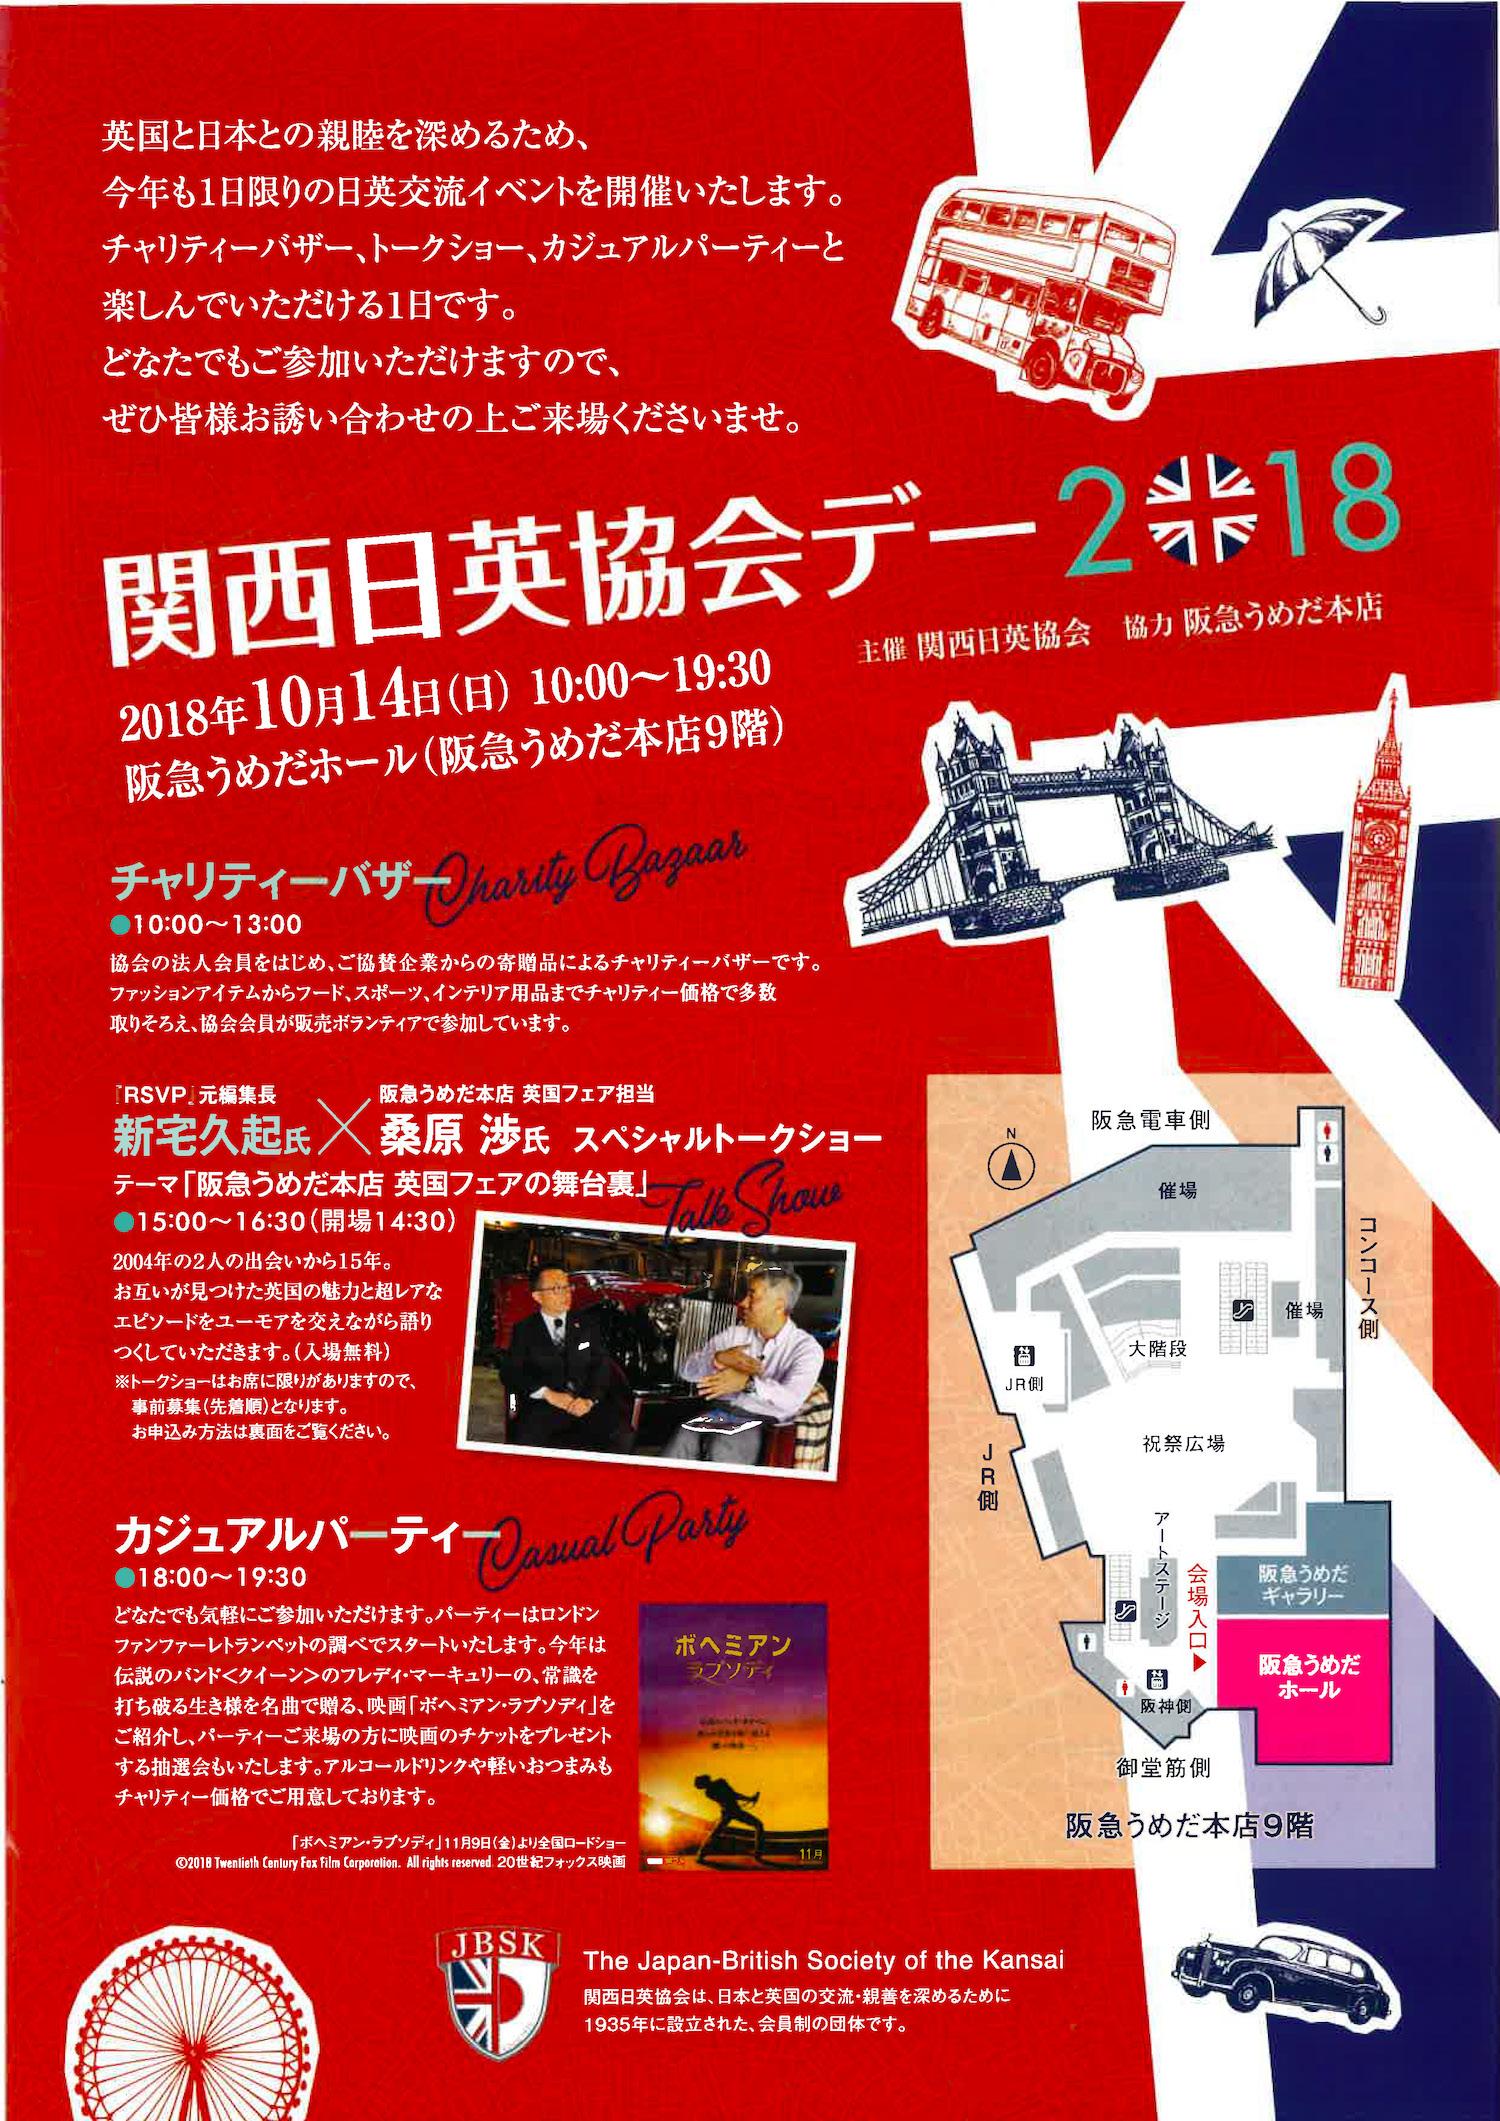 [終了]阪急英国フェア期間中、「関西日英協会デー」スペシャルトークショー 開催